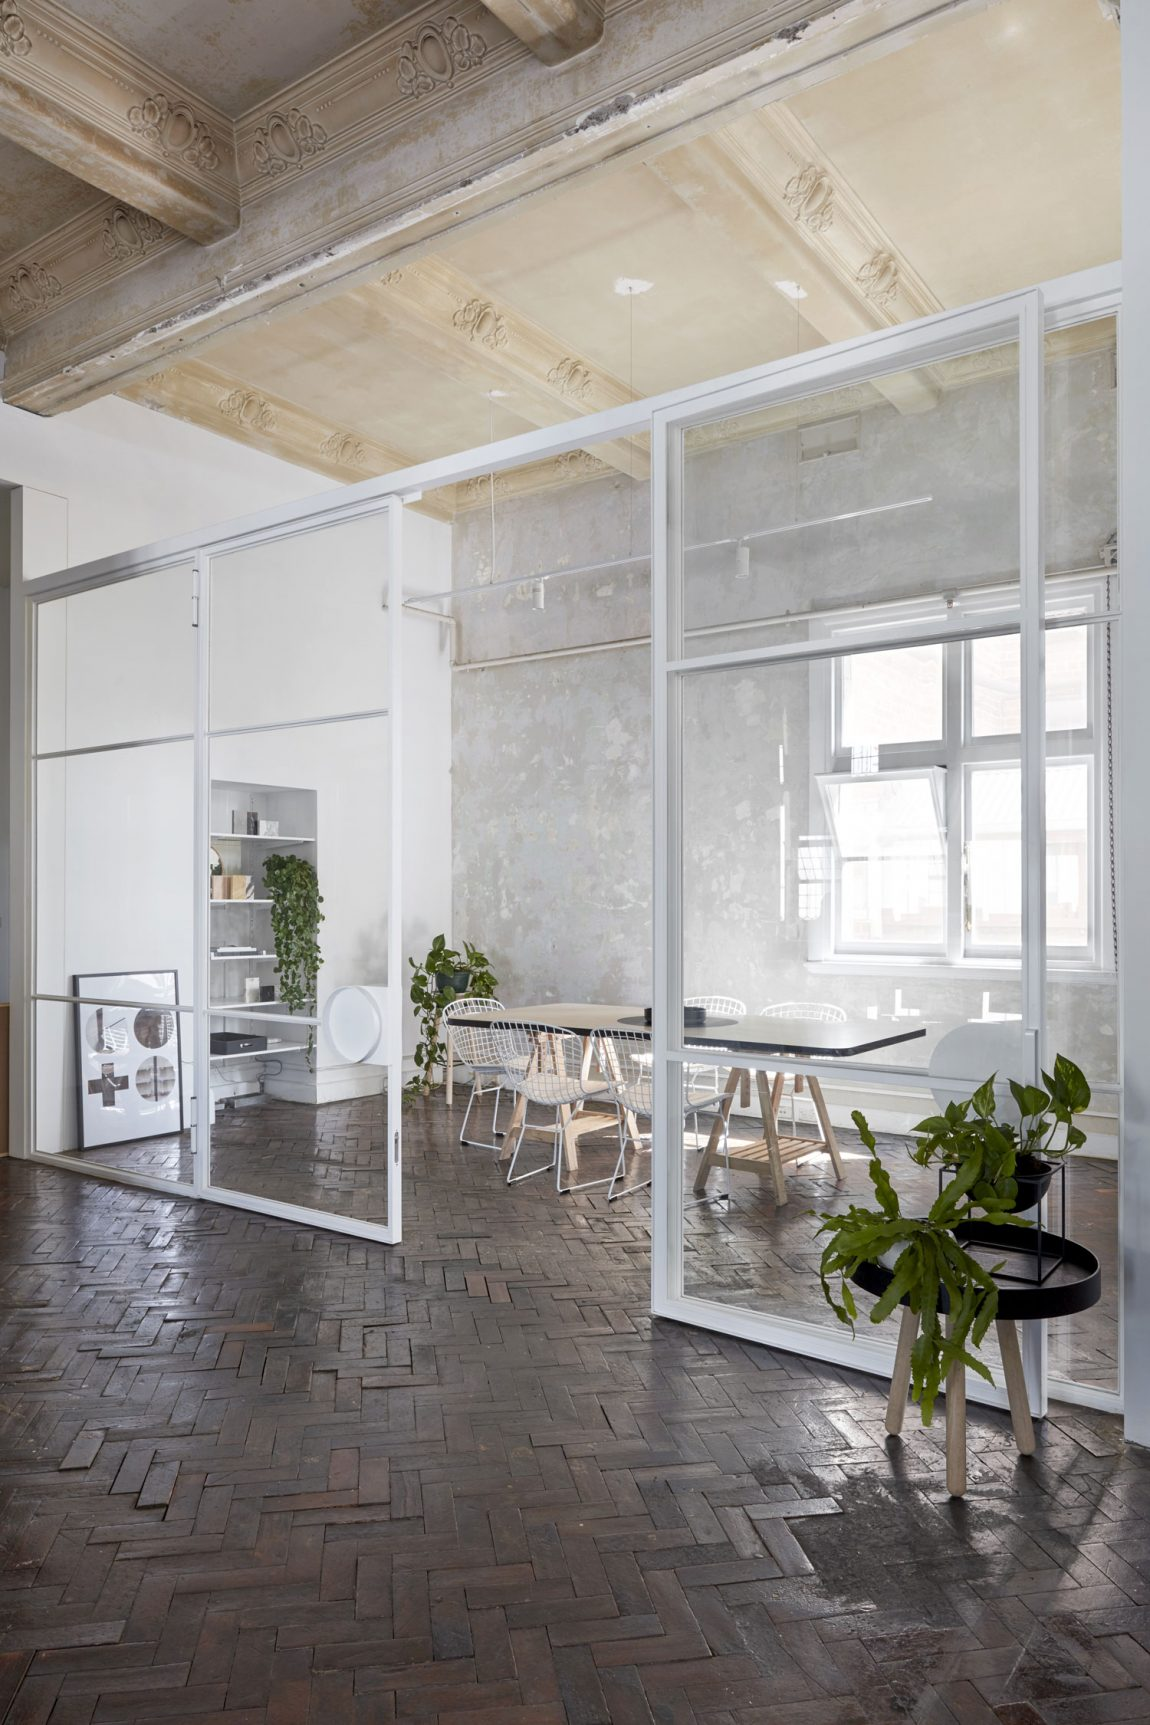 kantoor inrichten tips vergaderruimte glazen wanden